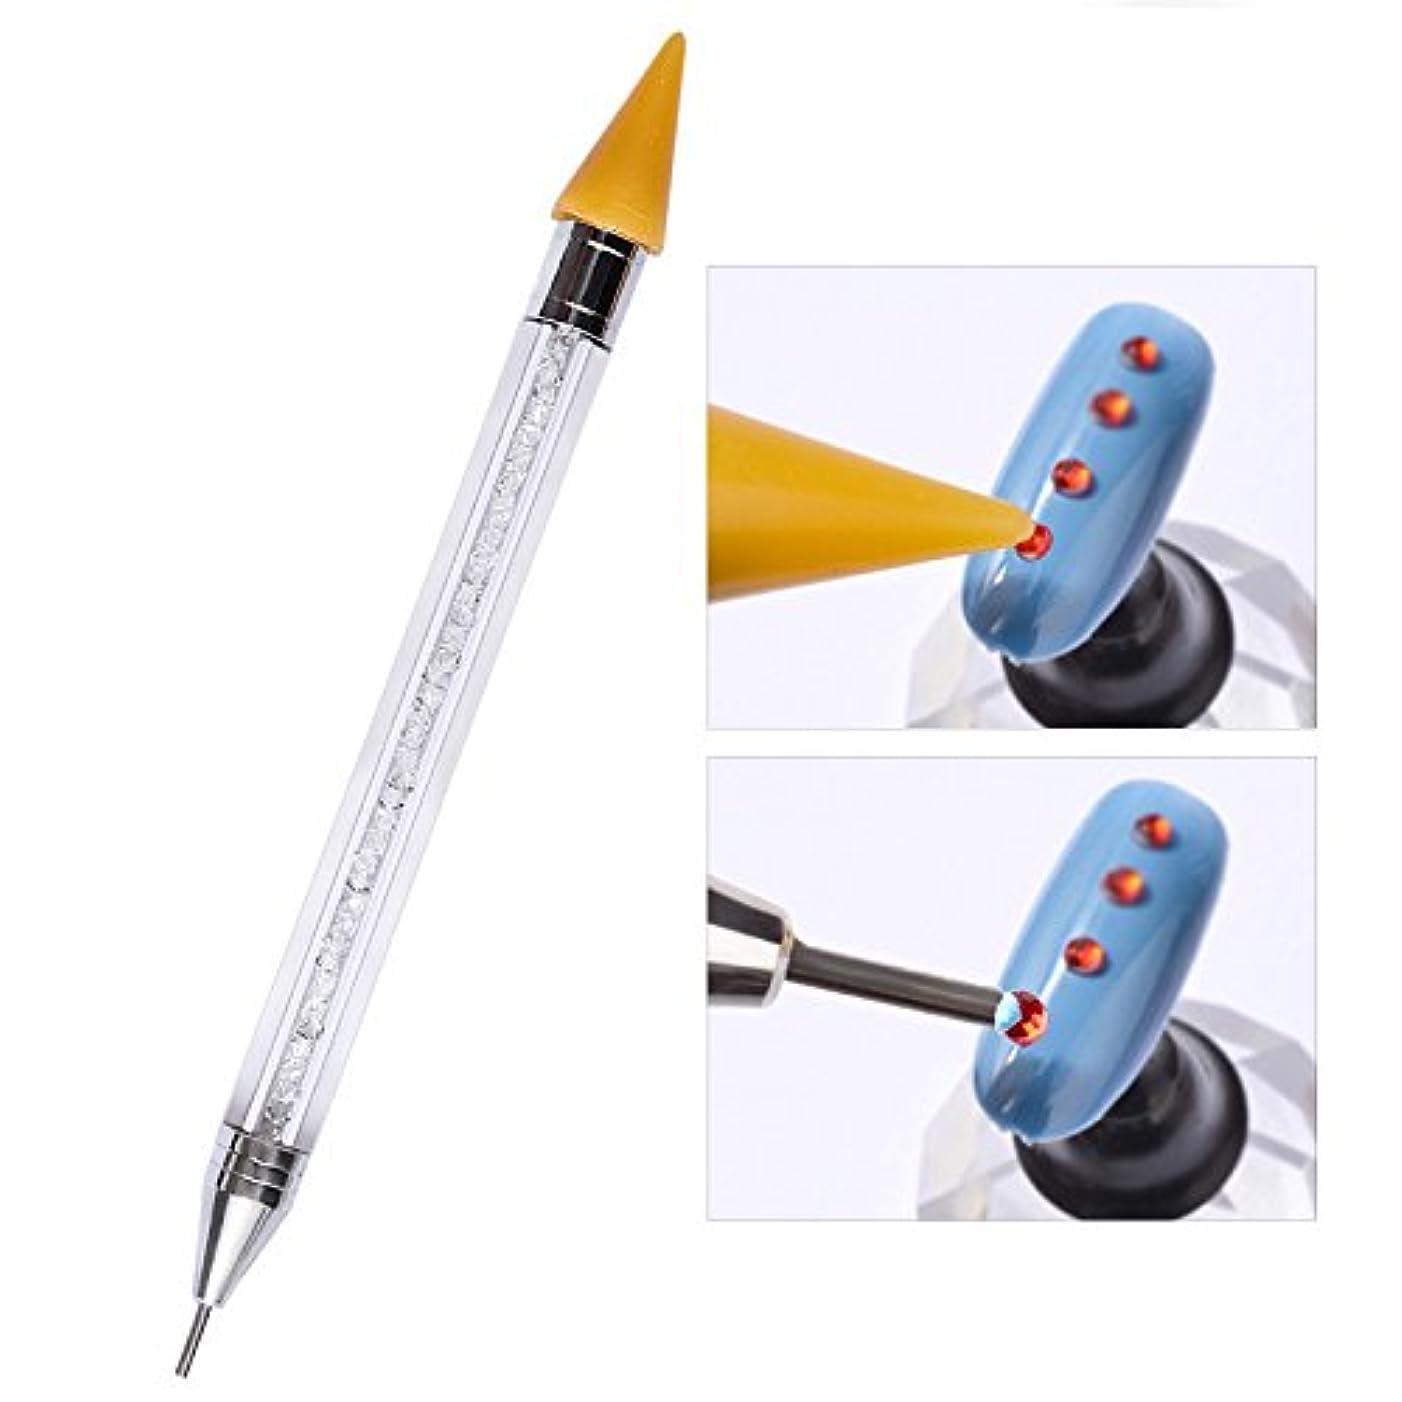 抑止する慣れているダイヤルLiebeye ネイルペン 豪華 耐久性 ダブルヘッドポイント 掘削 ペン マニキュアツール